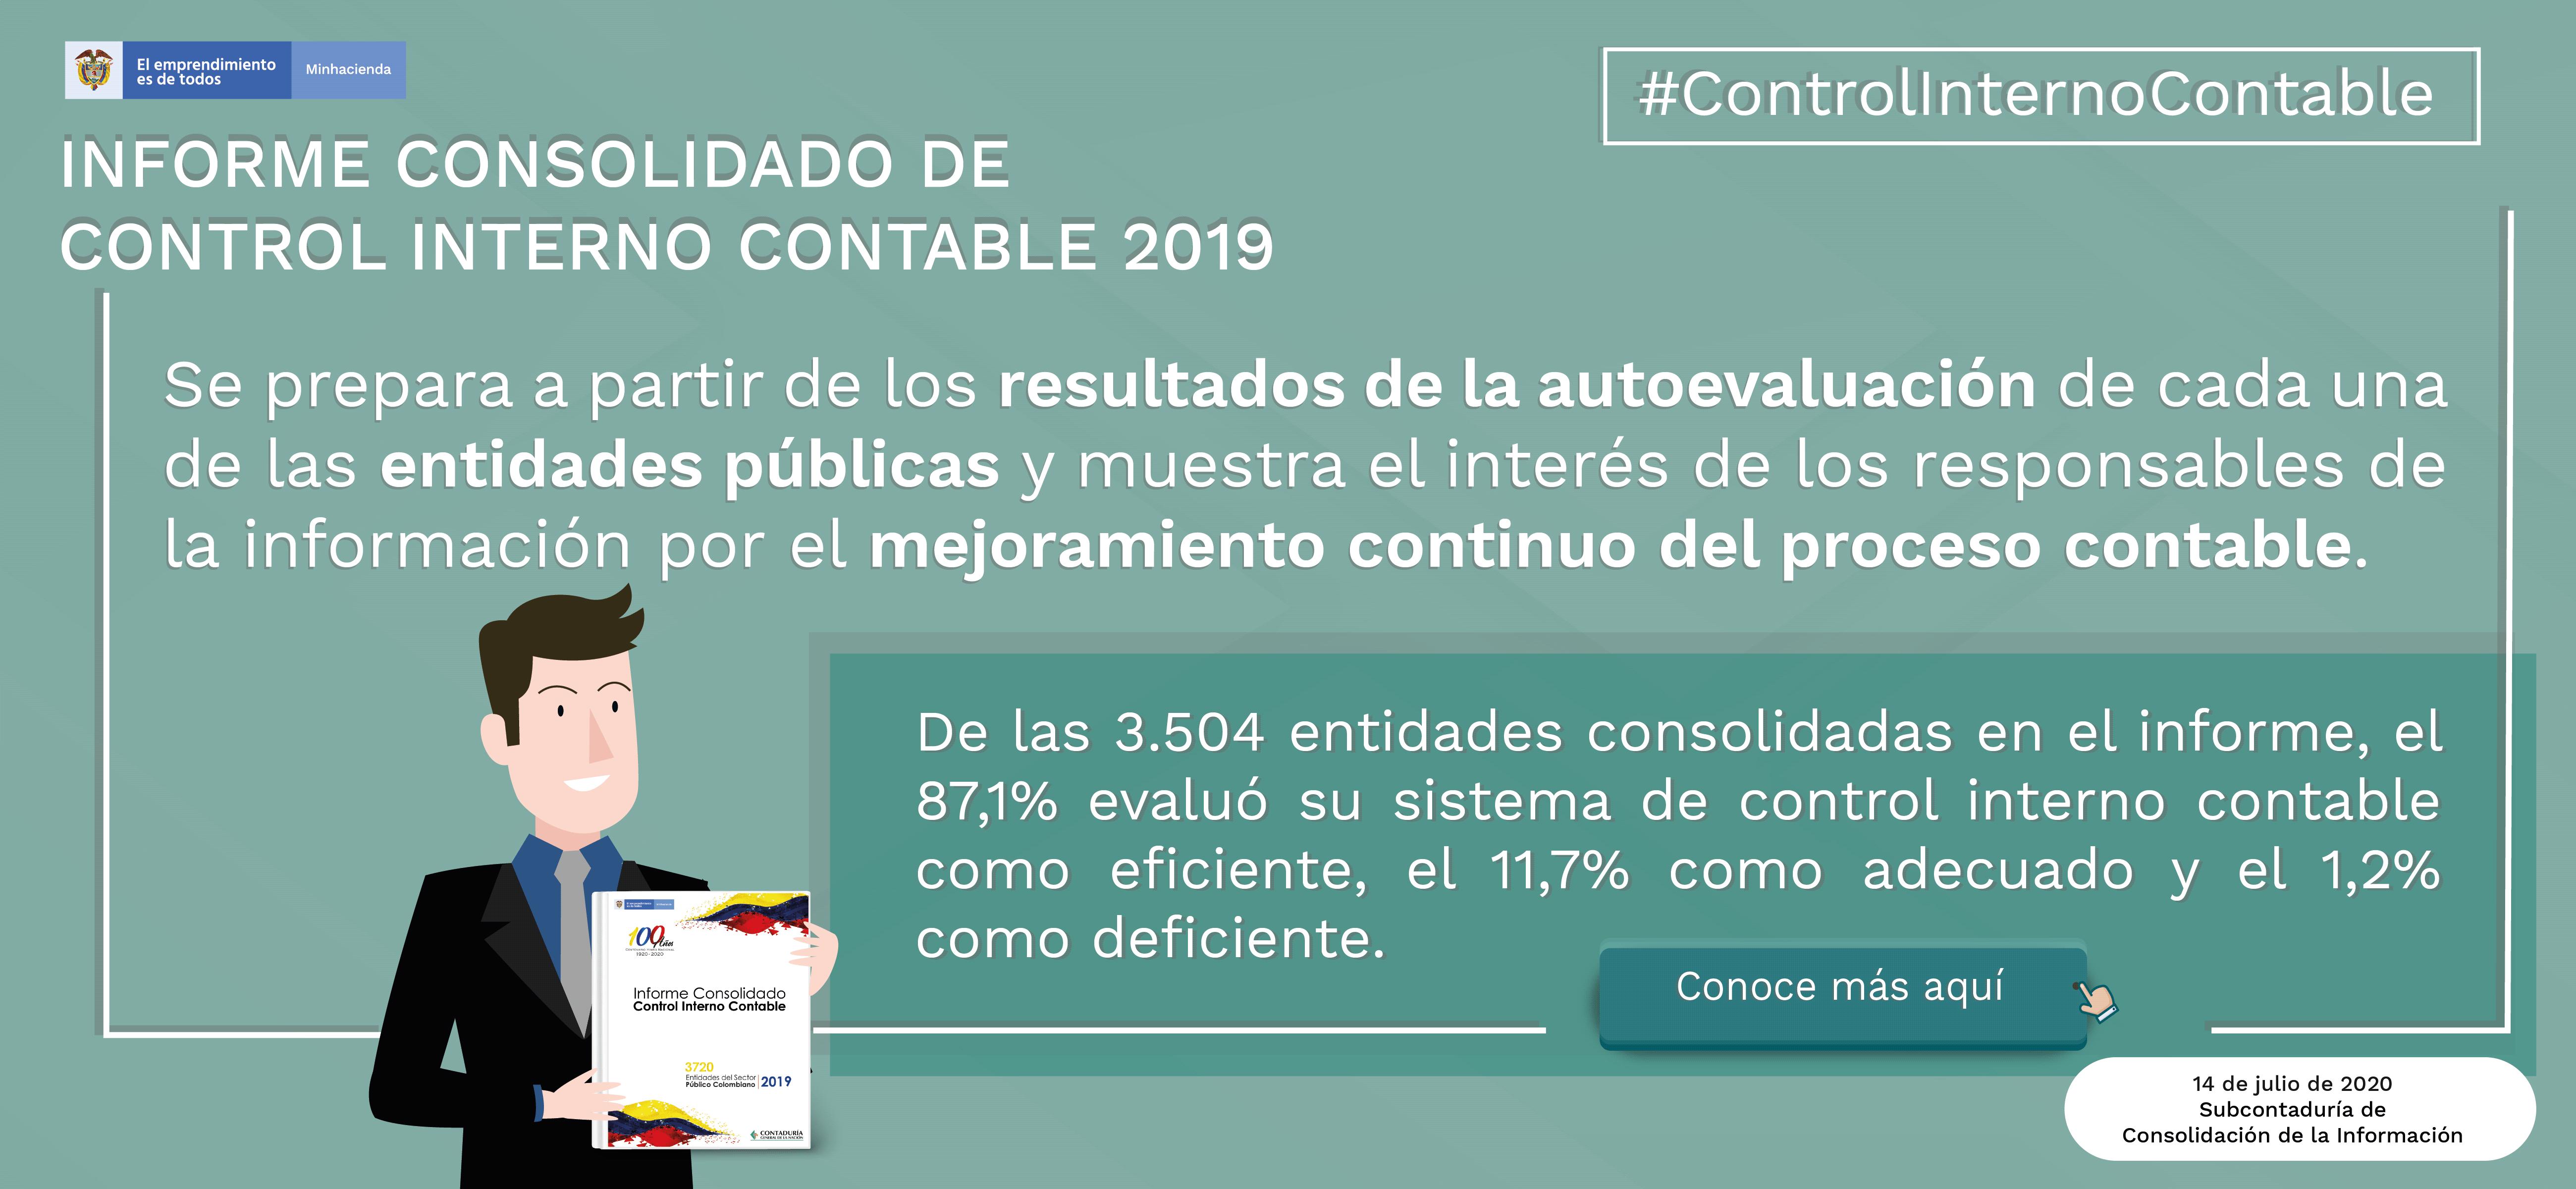 informe consolidado control interno contatable 2019